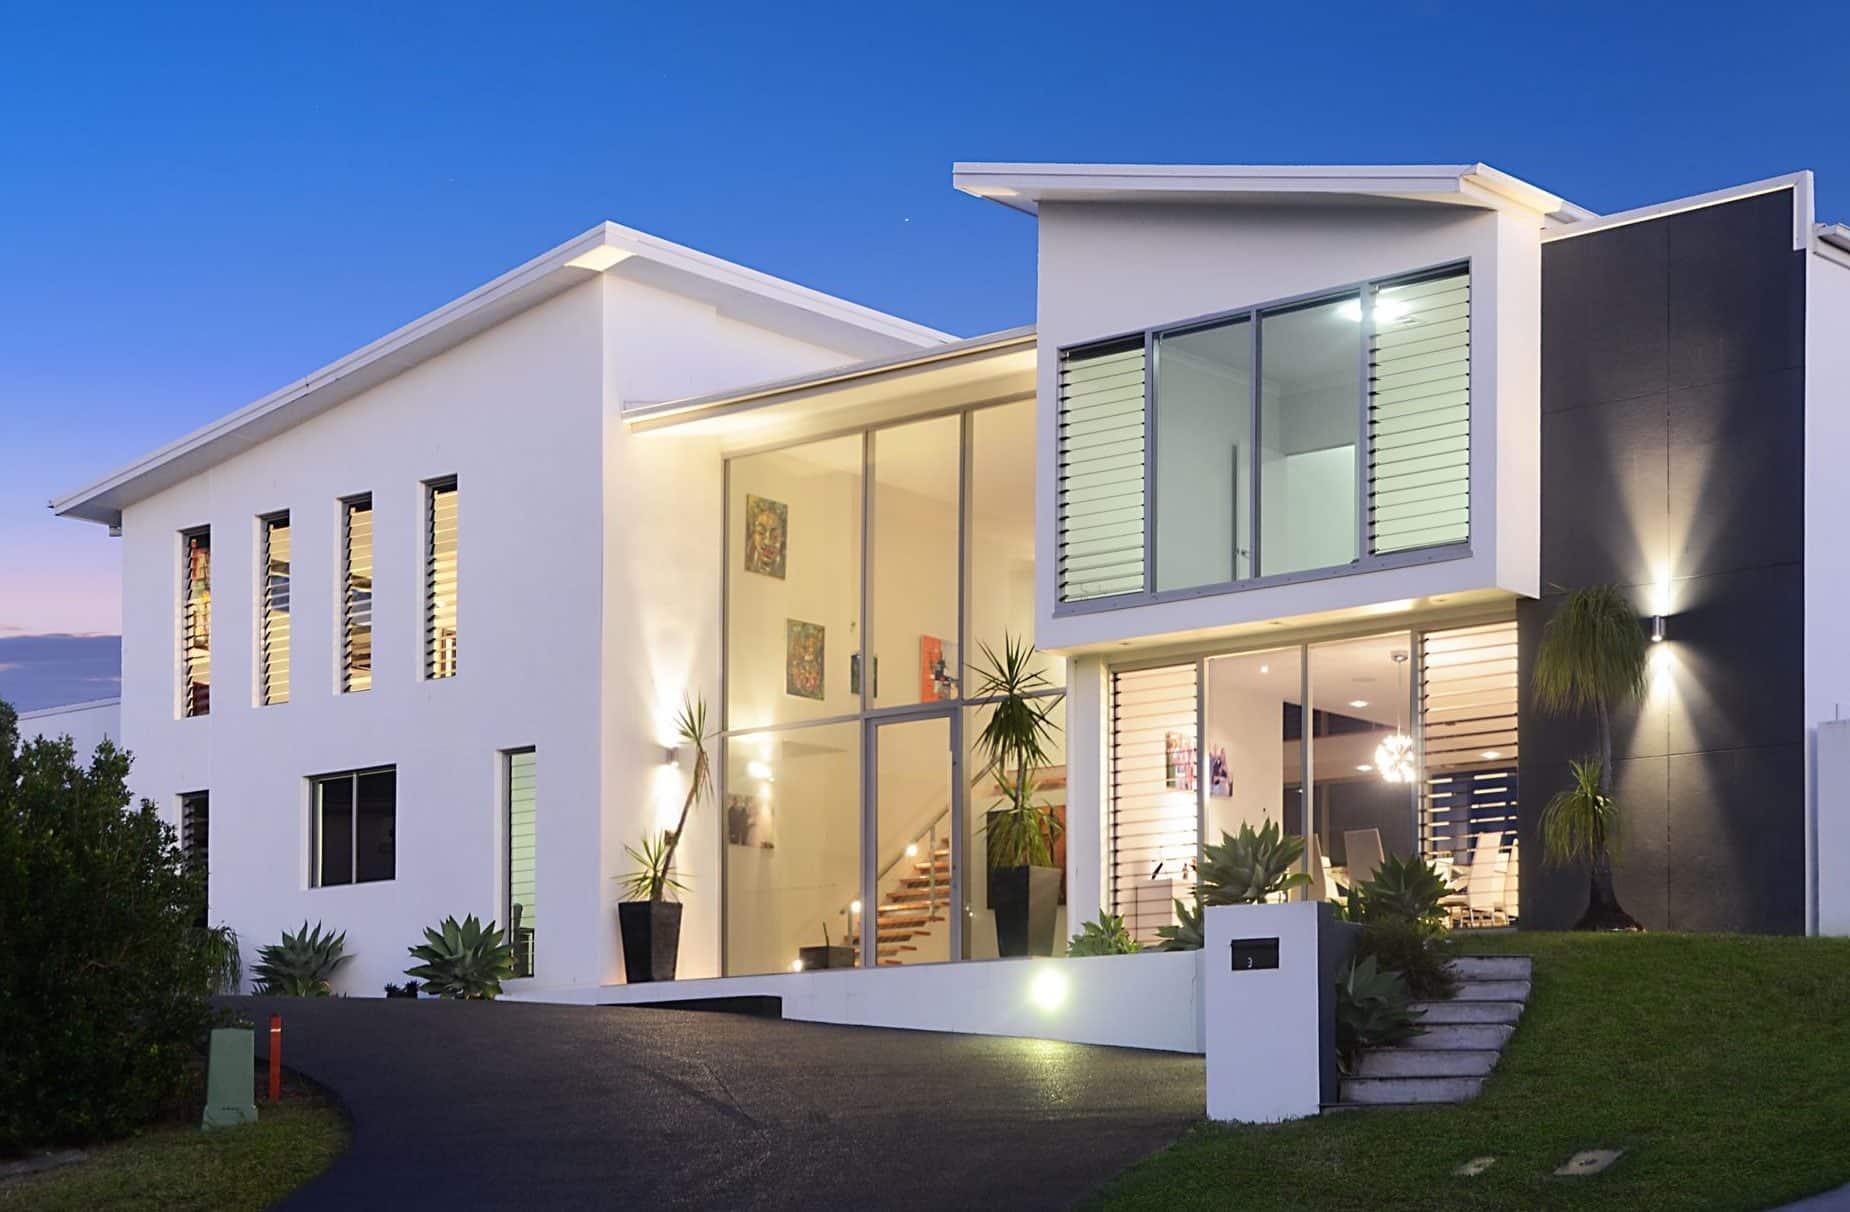 Desain Rumah Kaca - Thegorbalsla